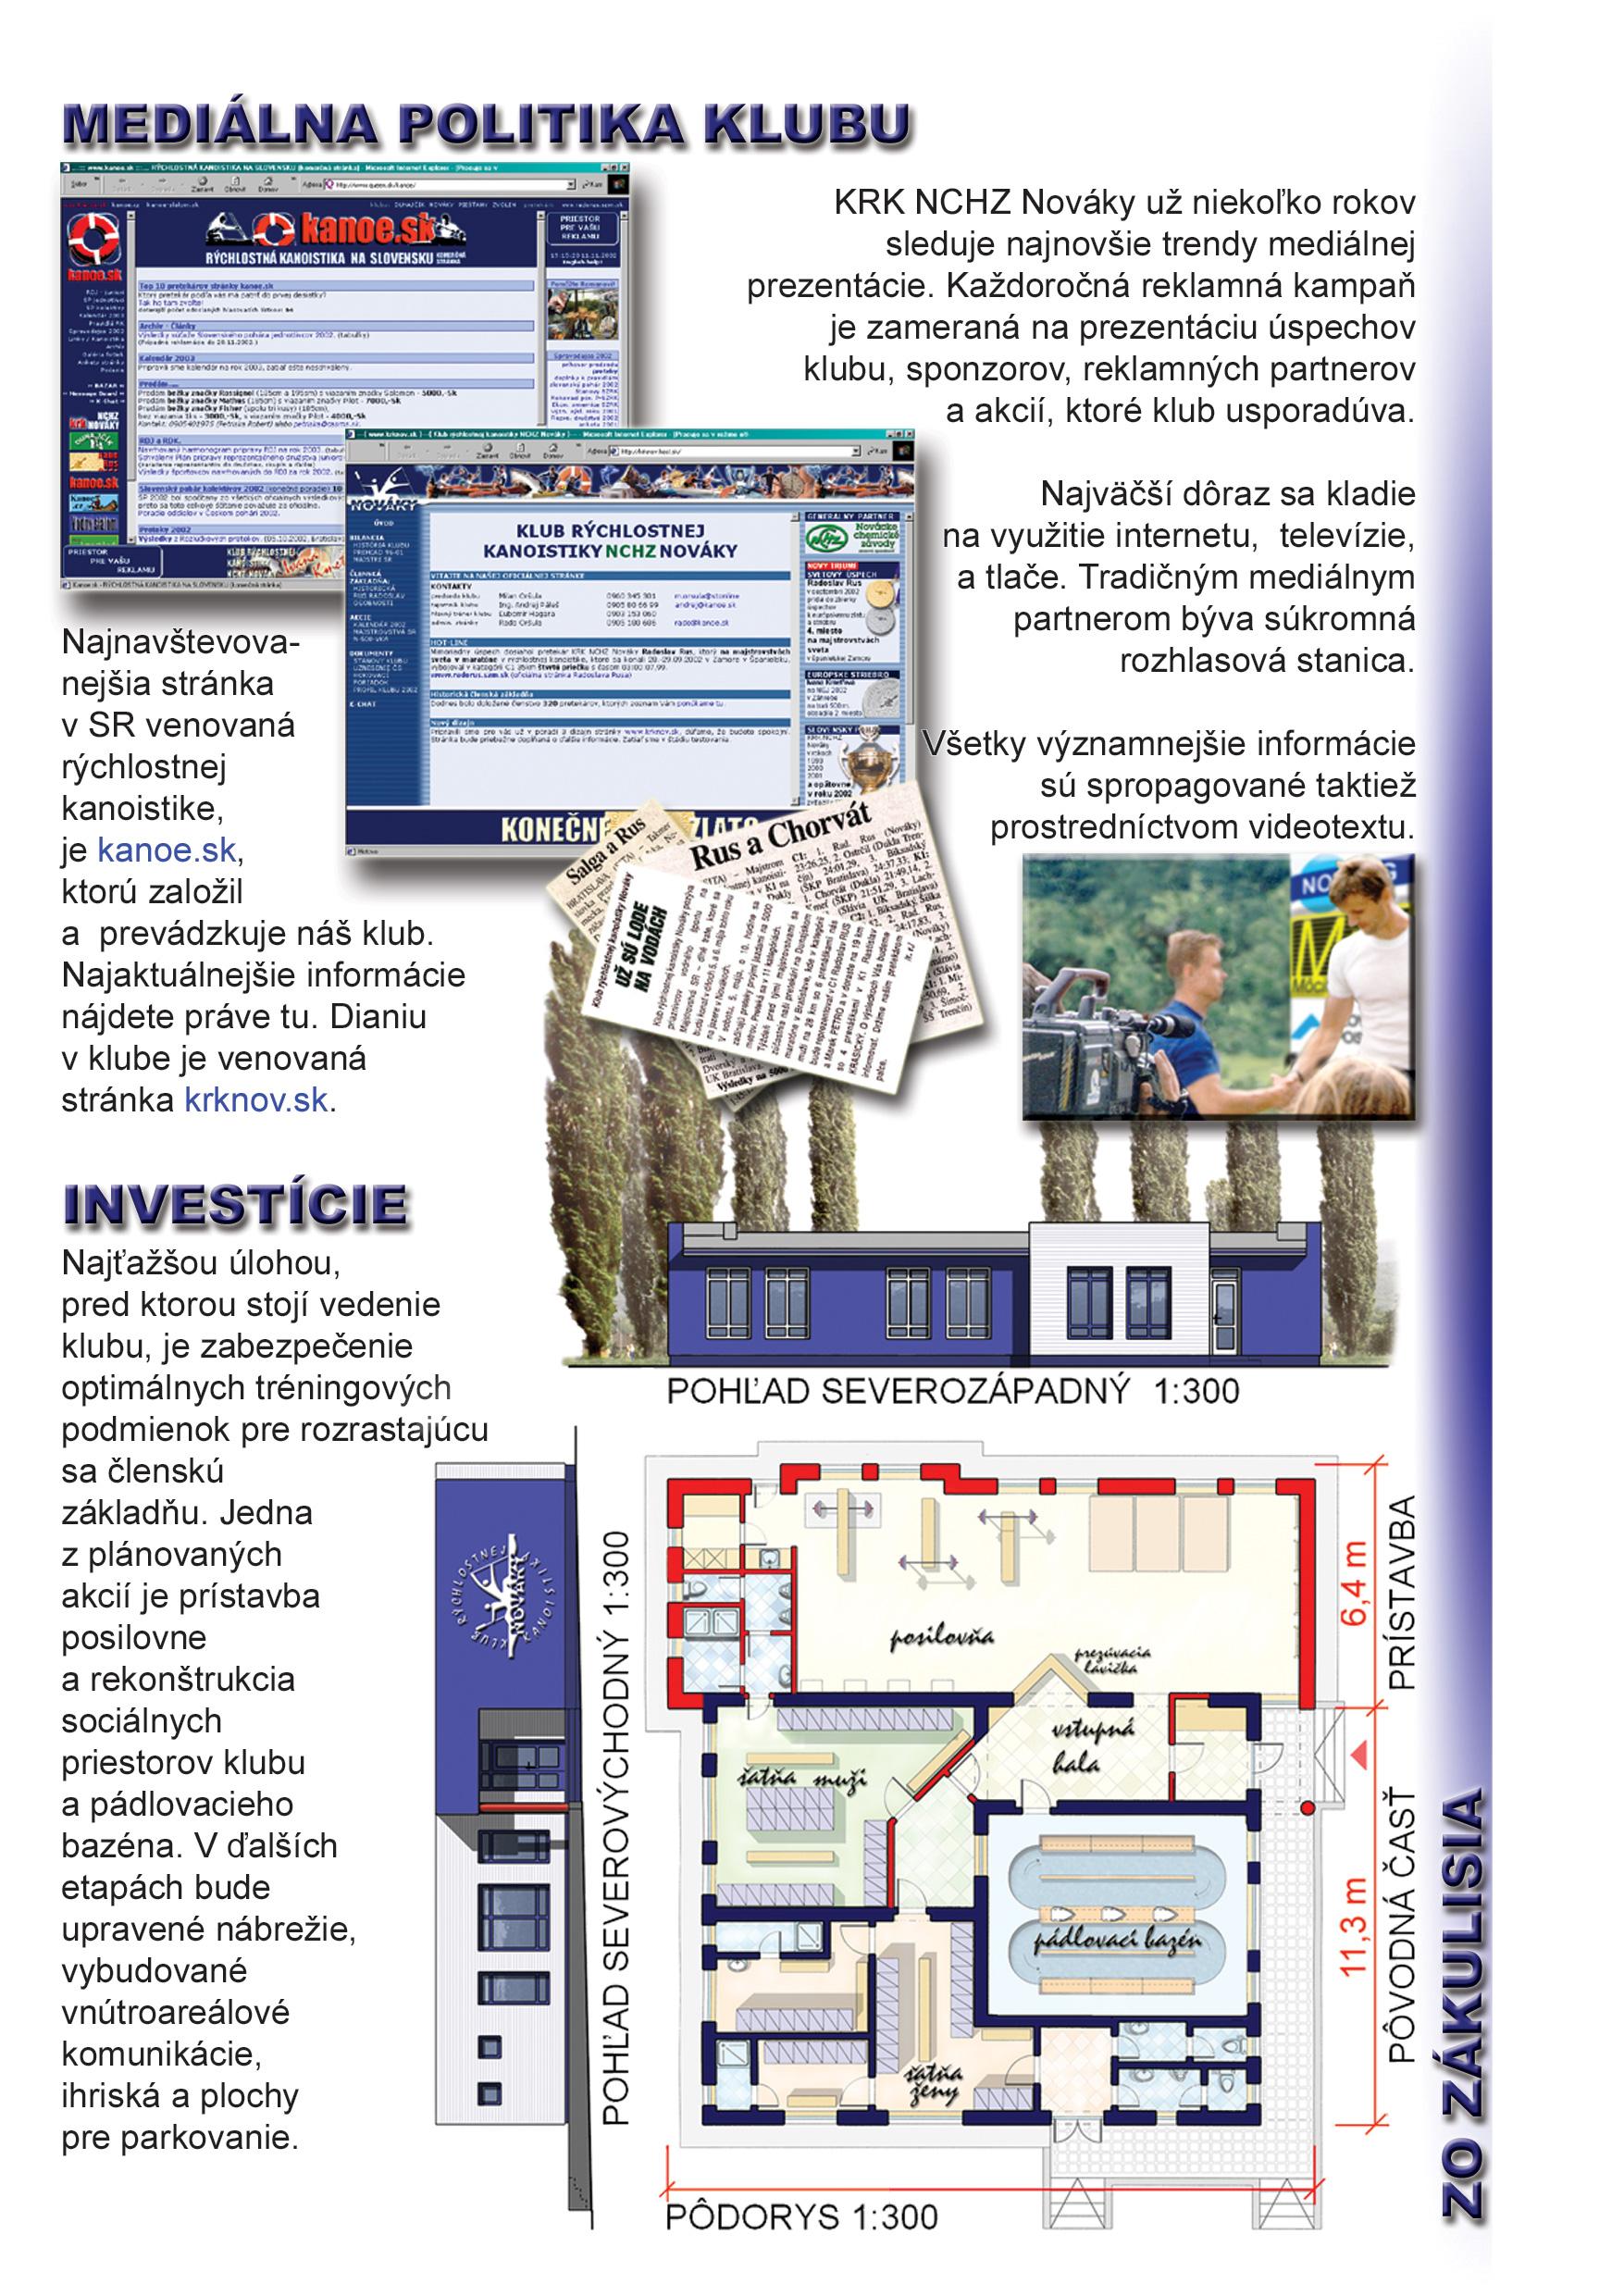 Profil klubu 2002/2003, strana 7